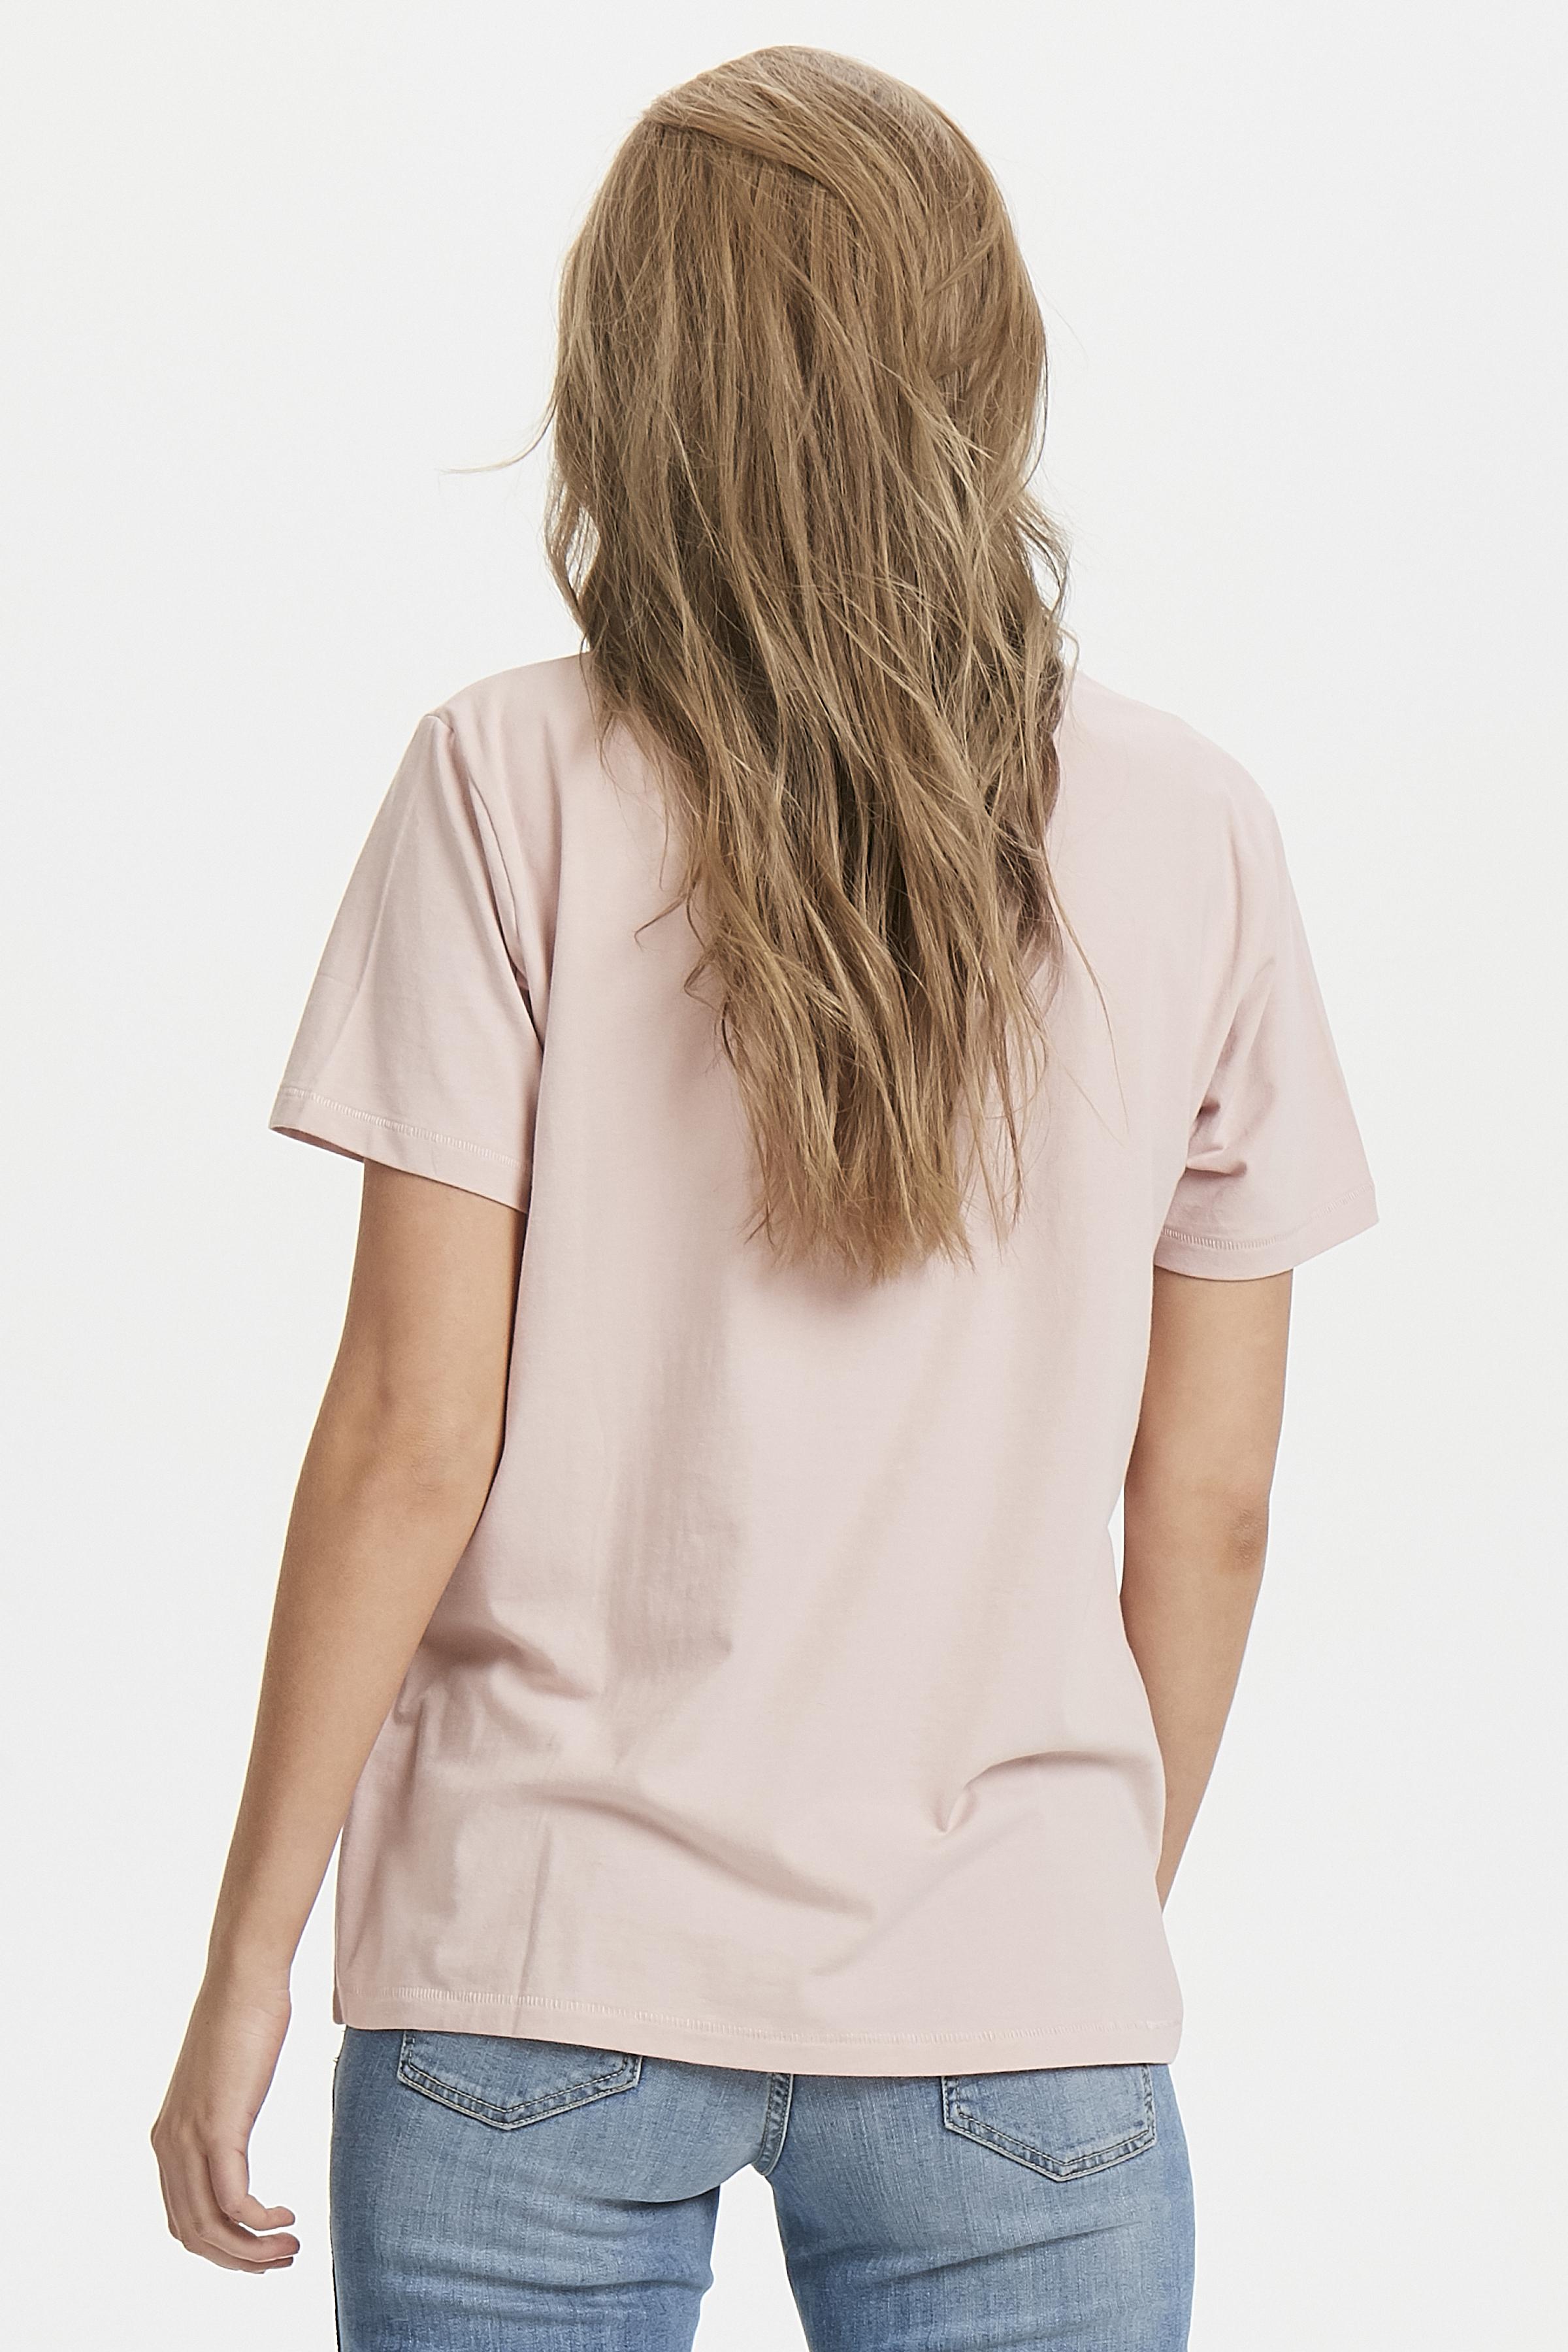 Rose Cloud T-shirt von b.young – Kaufen Sie Rose Cloud T-shirt aus Größe S-XXL hier